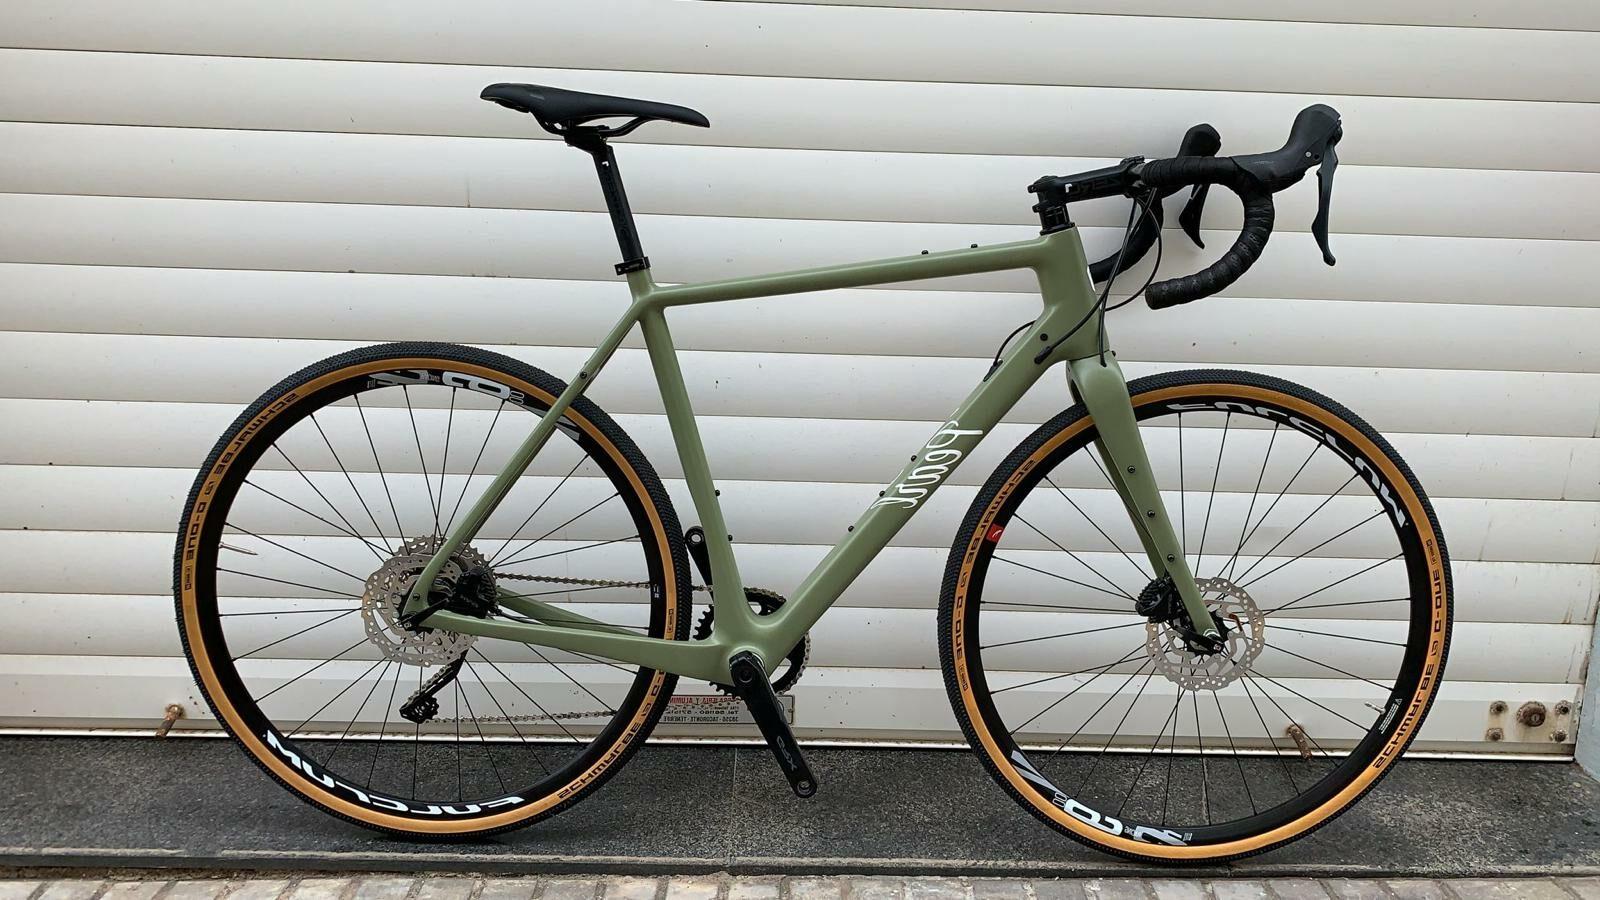 Pearl Evo Sl Bike Point Tenerife Bike Hire & Bike Rental